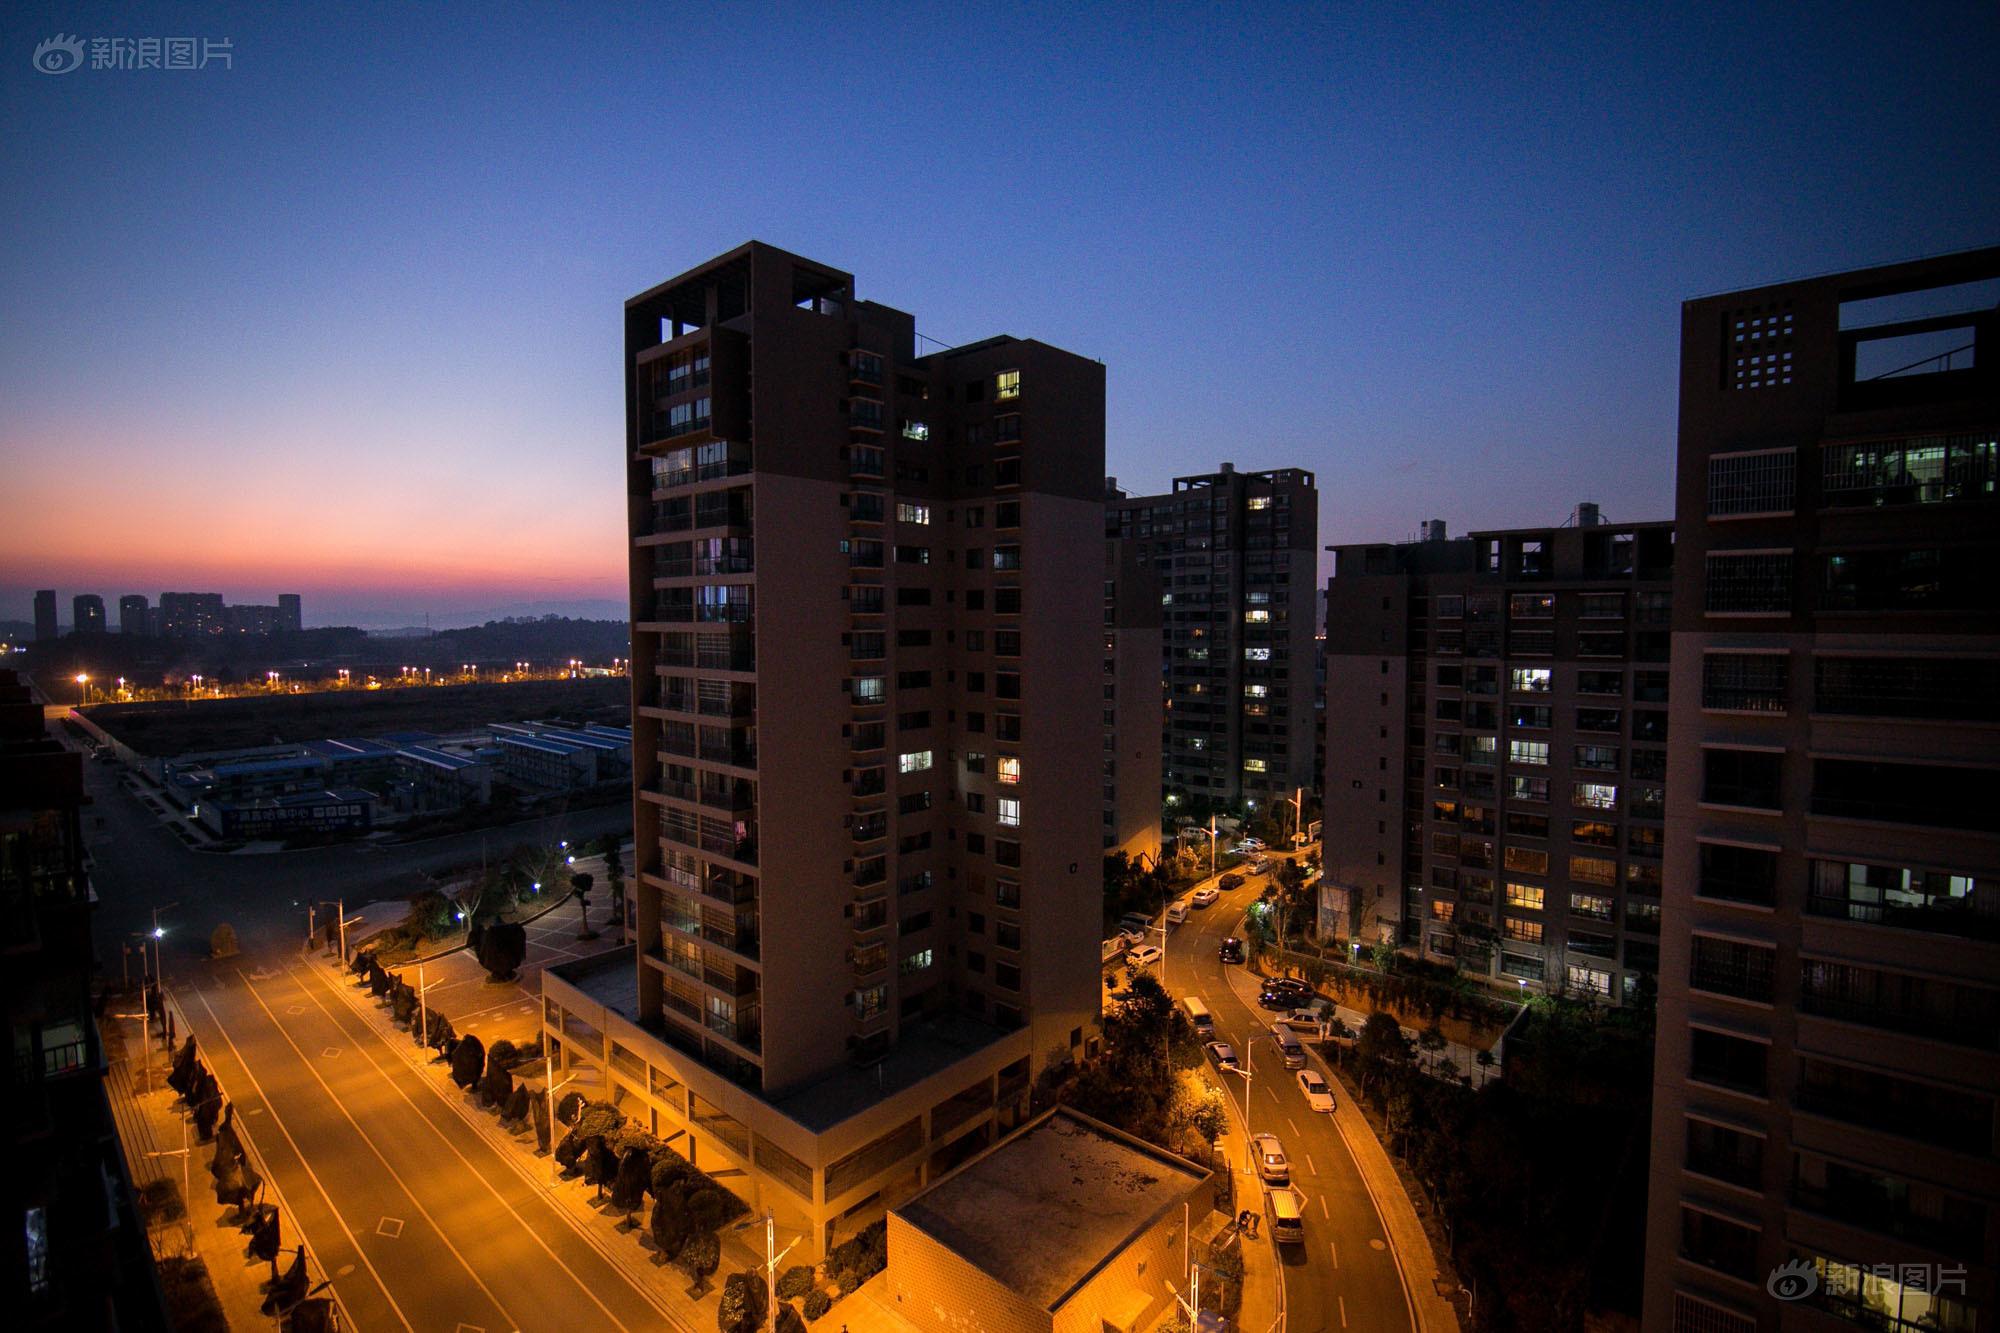 """呈贡新区究竟是一座真""""鬼城"""",还是""""成长中的新城""""?呈贡区委书记周峰越称:""""百万人口新城市的建设不是种白菜,几个月就有收成,而是一个可持续发展的过程,不能急功近利,需要20年,甚至上百年的精心经营才能建成。"""""""